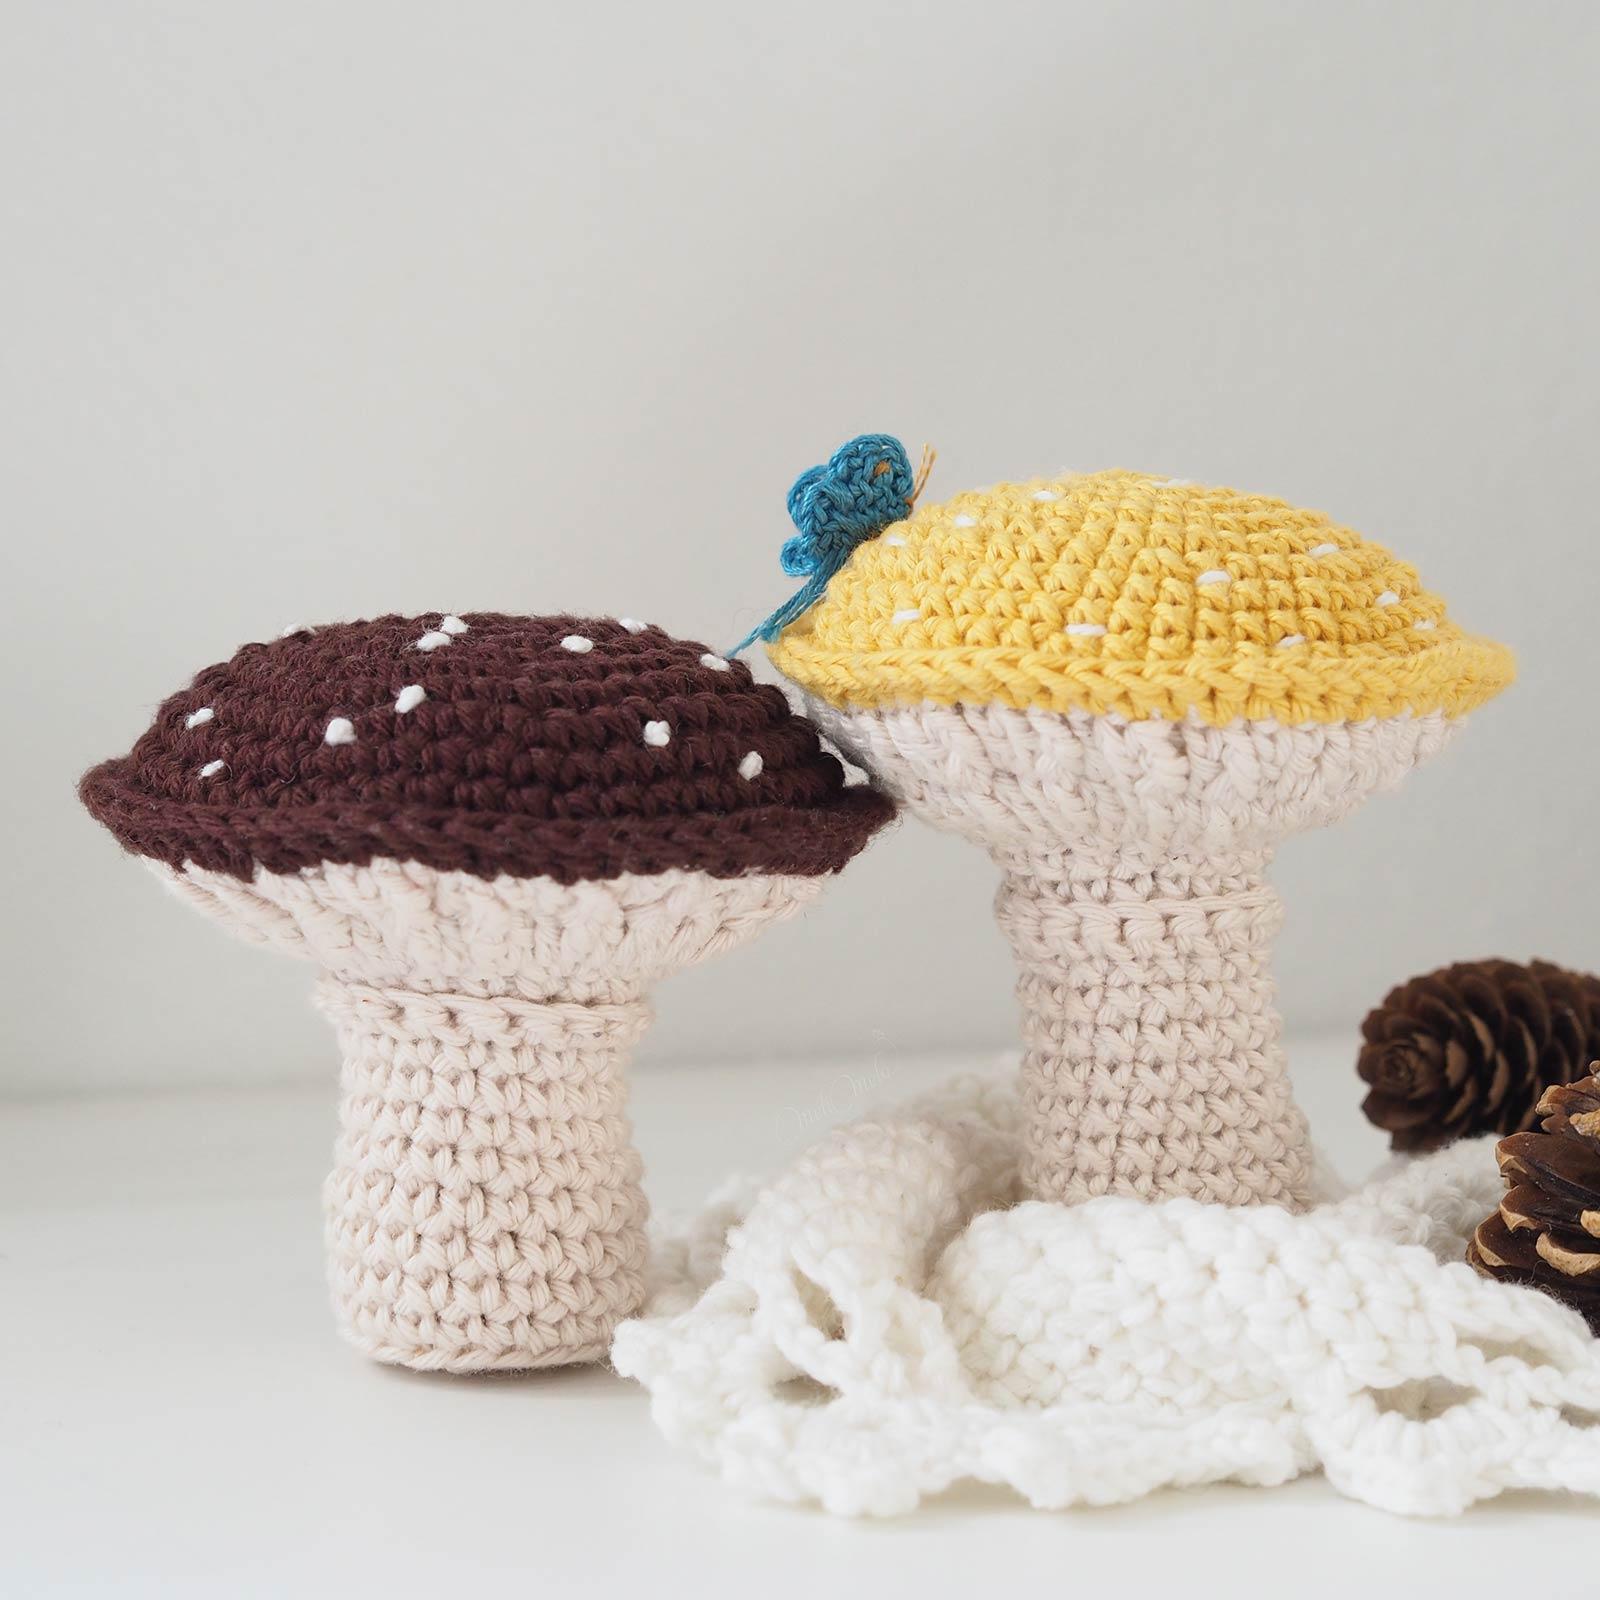 papillon-champignon-funny-fall-ricorumi-mushroom-automne-laboutiquedemelimelo